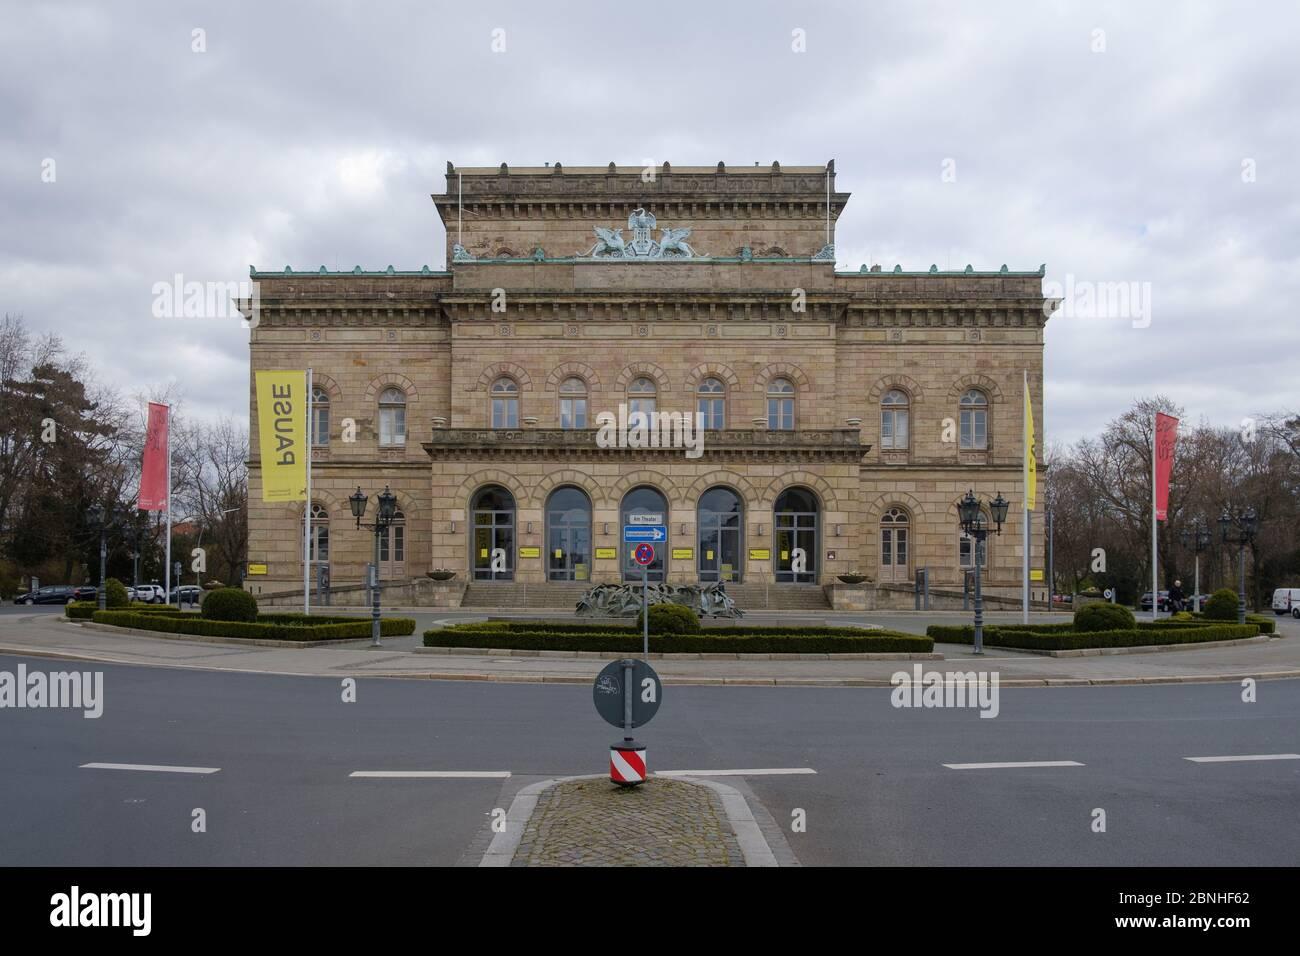 Brunswick, Germania. 01 Aprile 2020. 'Pausa' è scritto su una bandiera di fronte al Teatro di Stato Braunschweig. Per rallentare la diffusione del coronavirus, il governo federale ha notevolmente limitato la vita pubblica. Credit: OLE Spata/dpa/Alamy Live News Foto Stock